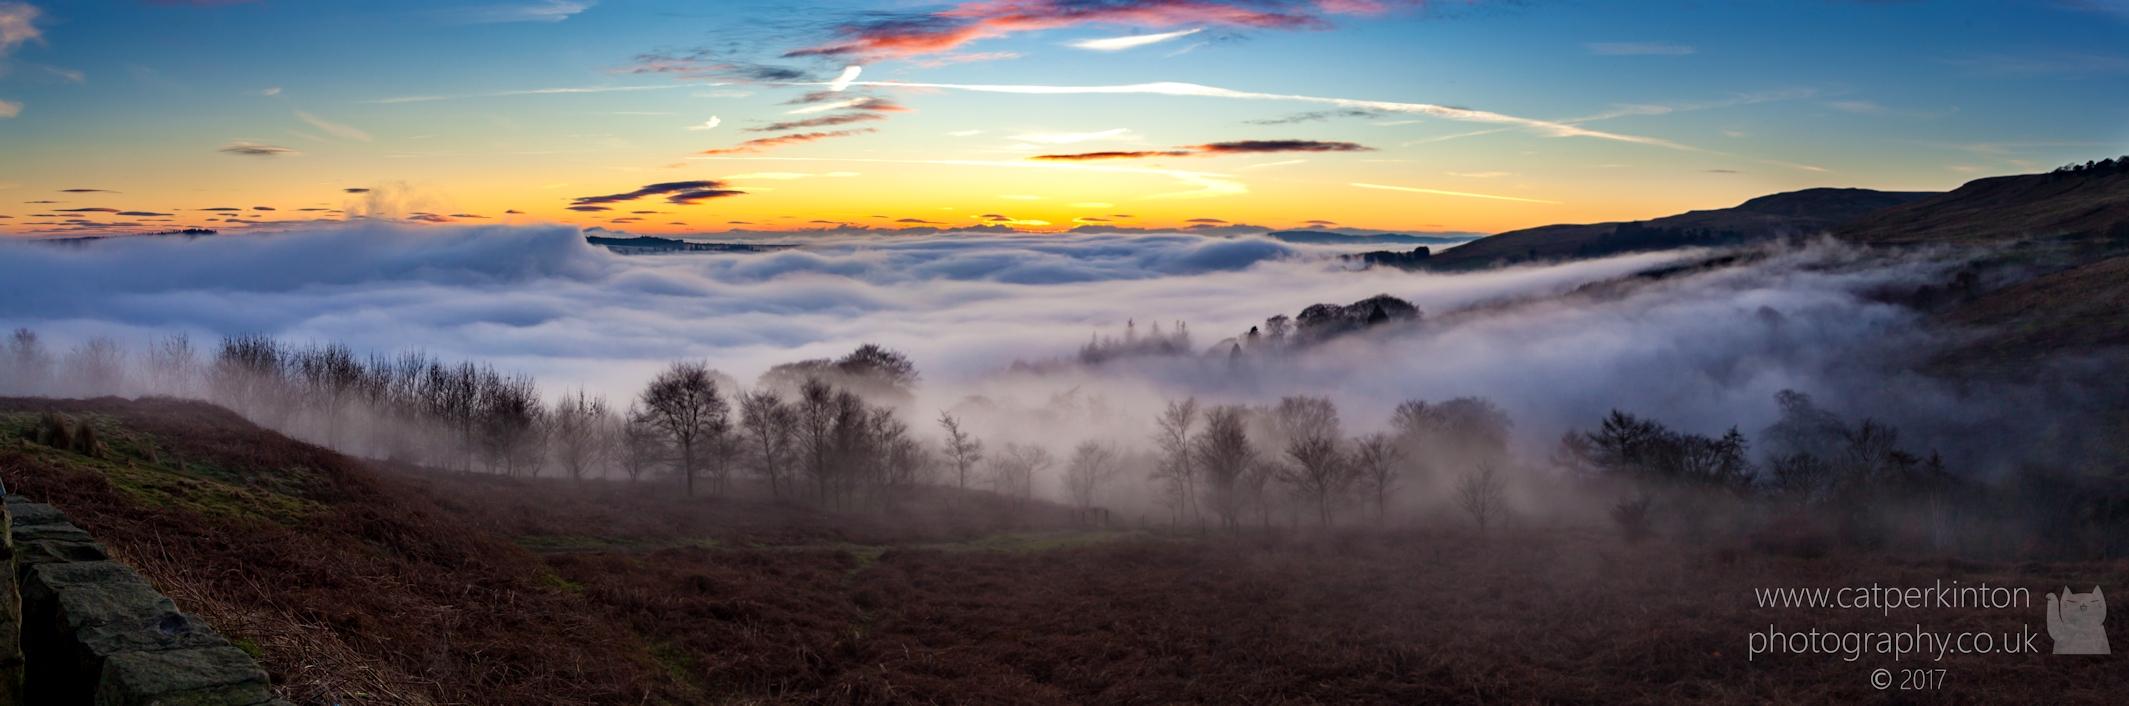 Queen's View Mist